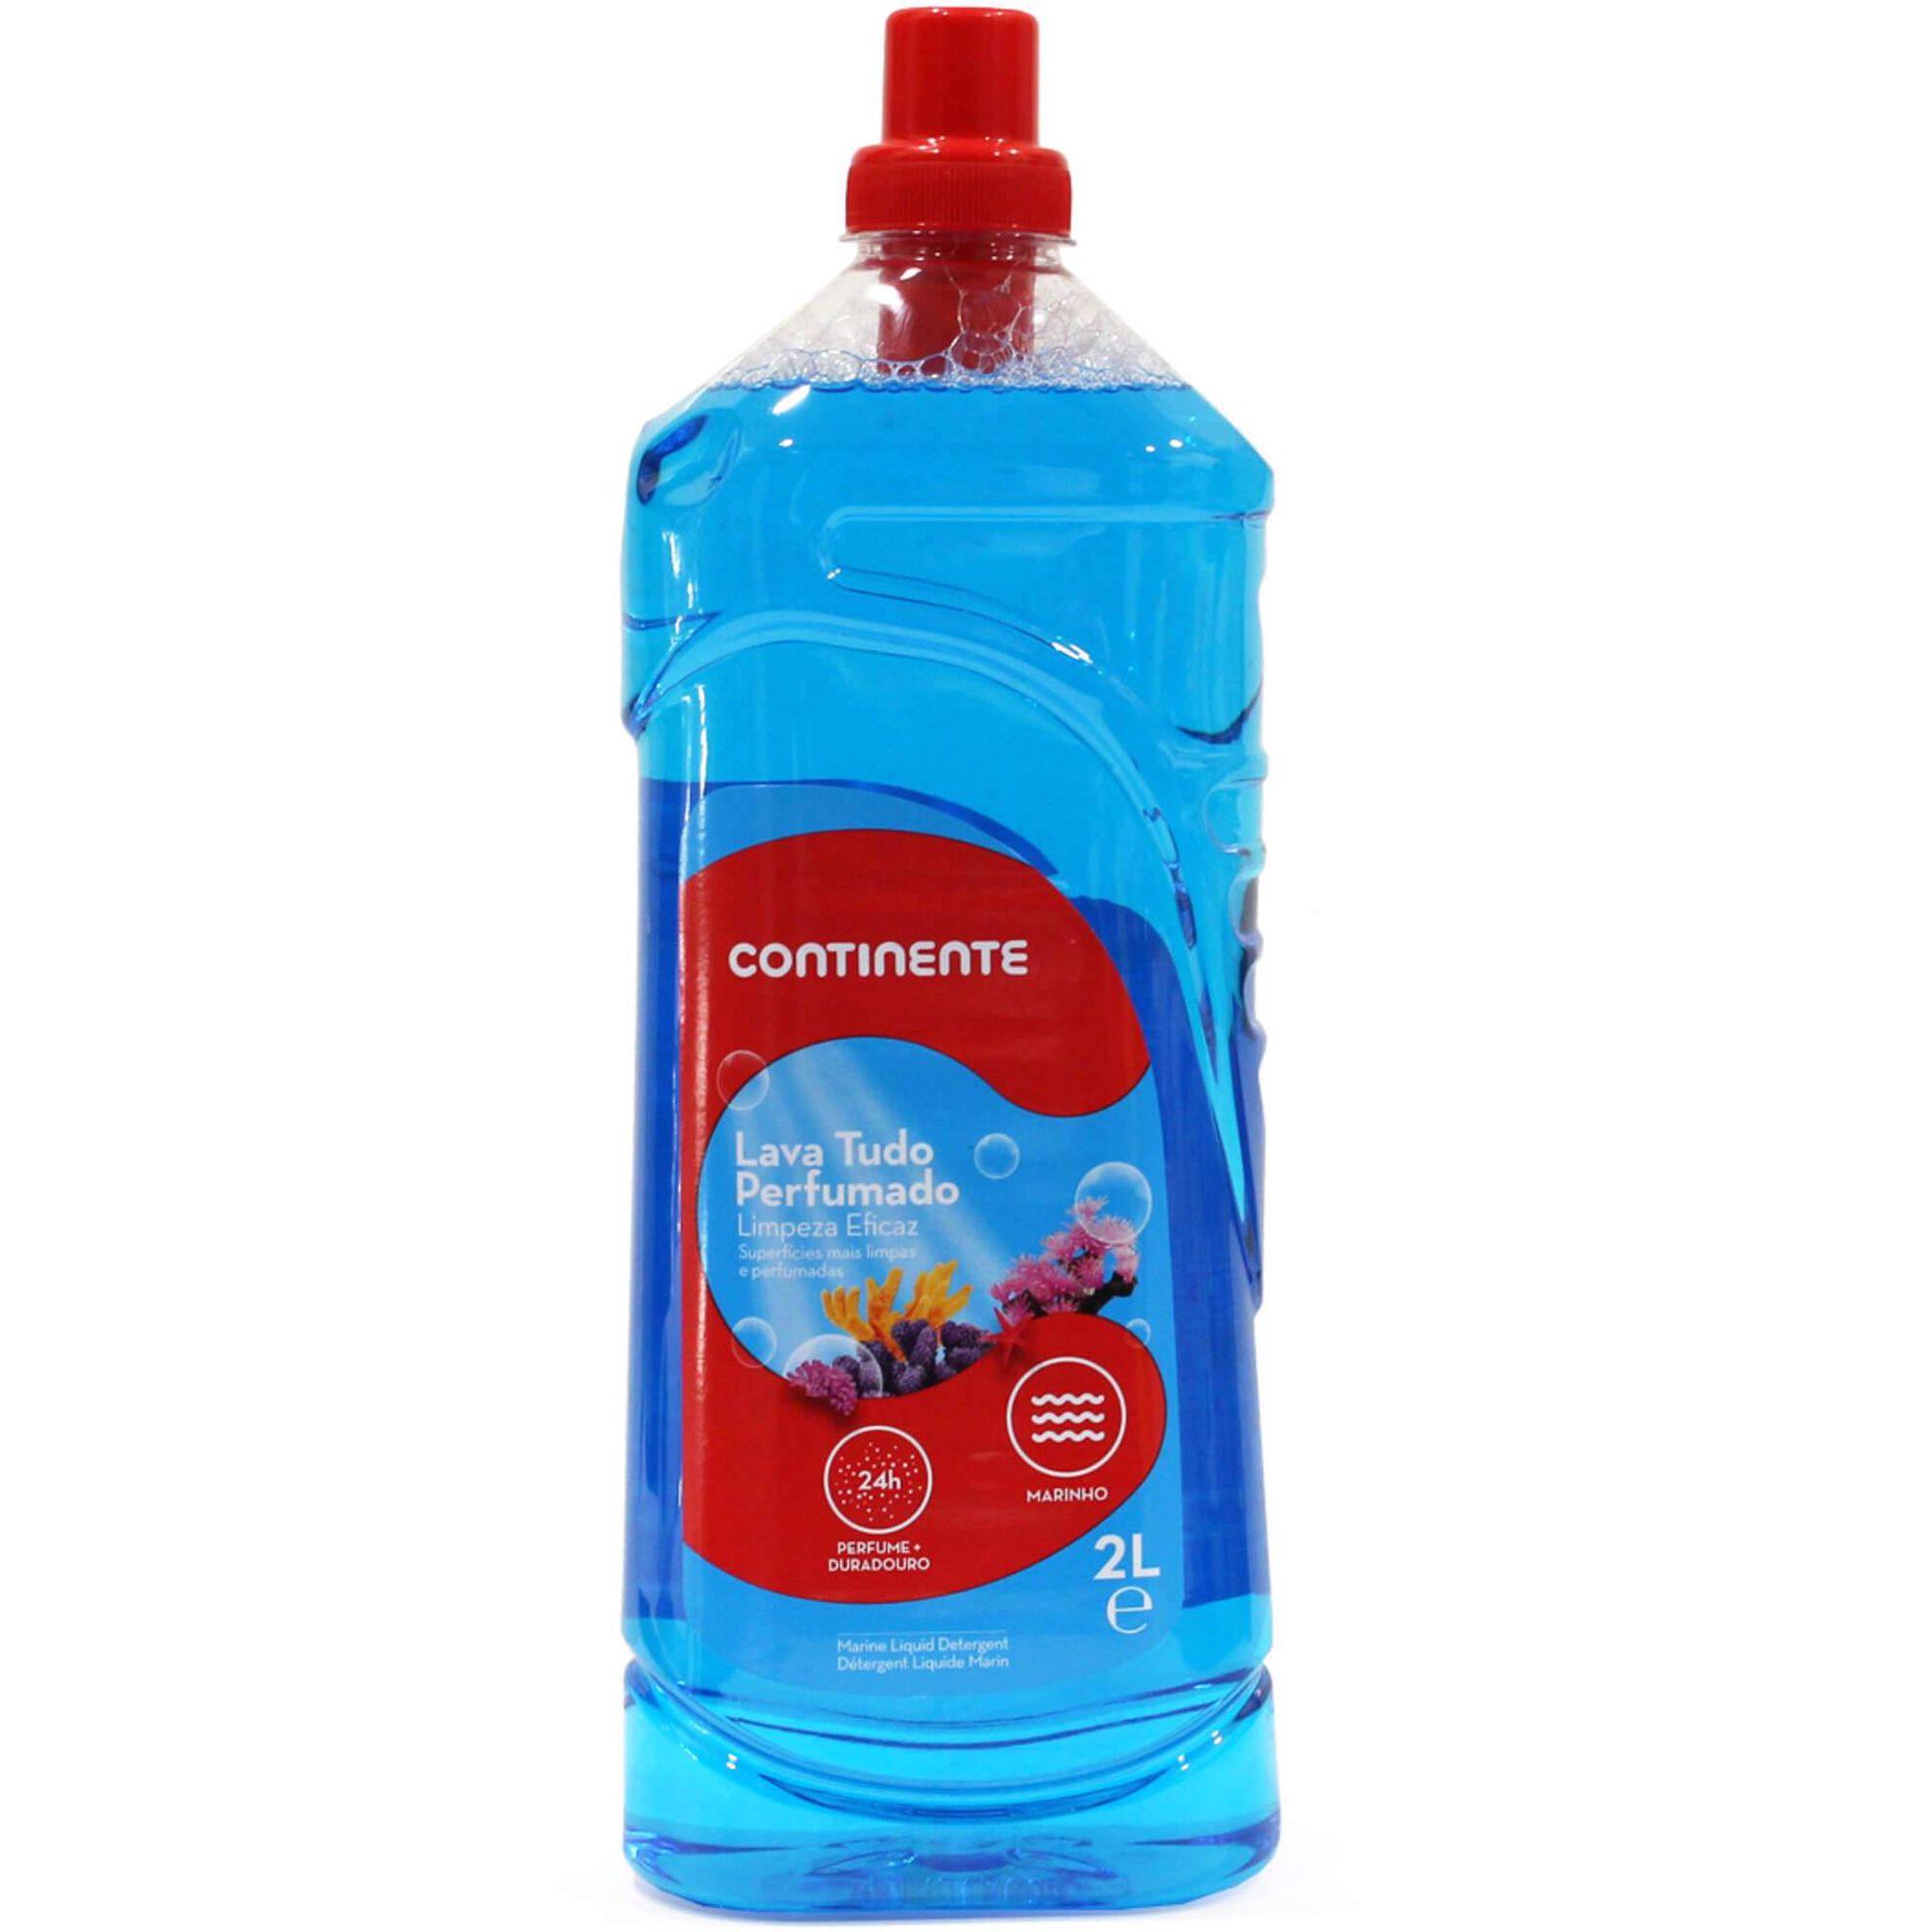 Lava Tudo Perfumado Marinho